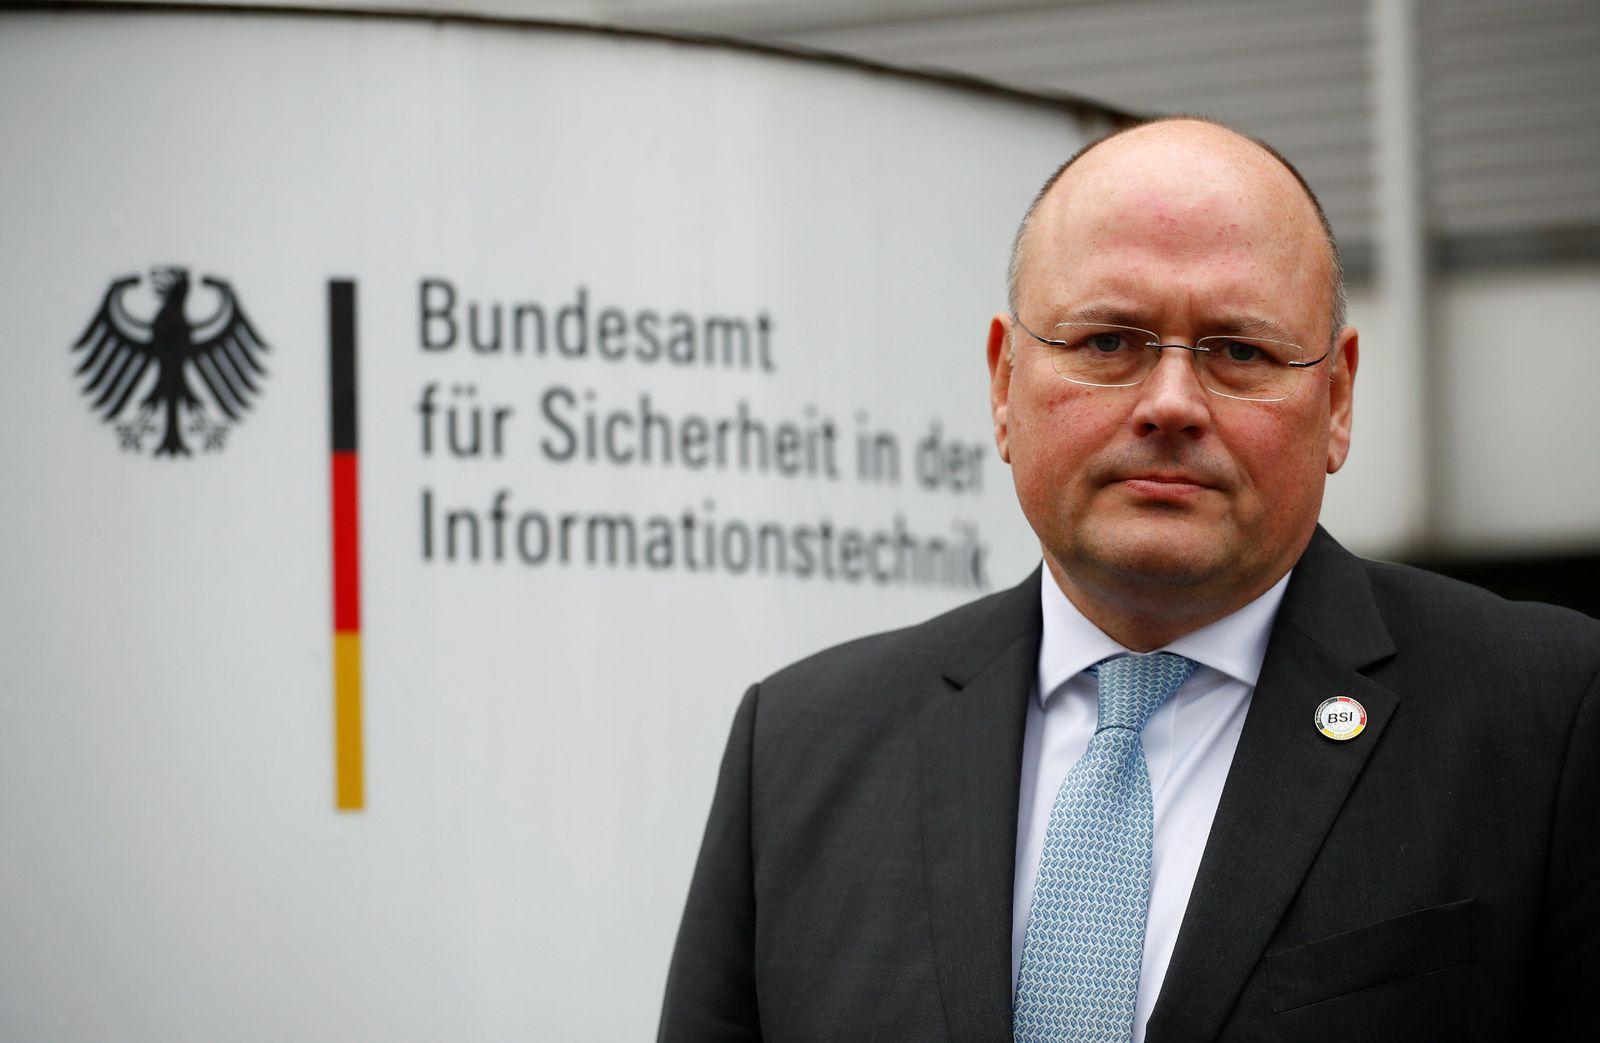 Arne Schönbohm/BSI